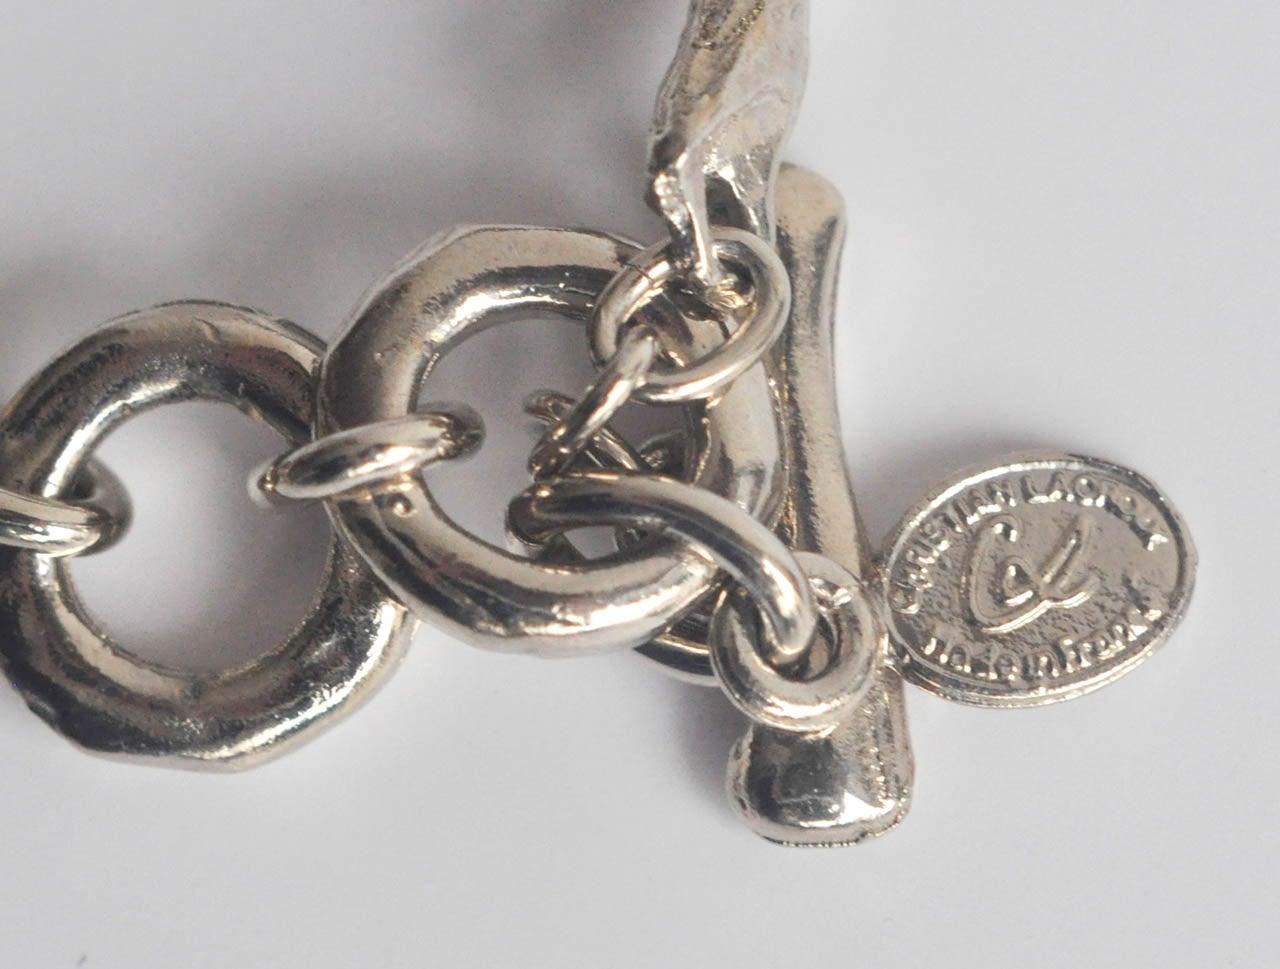 Christian Lacroix Silver-tone Necklace 10